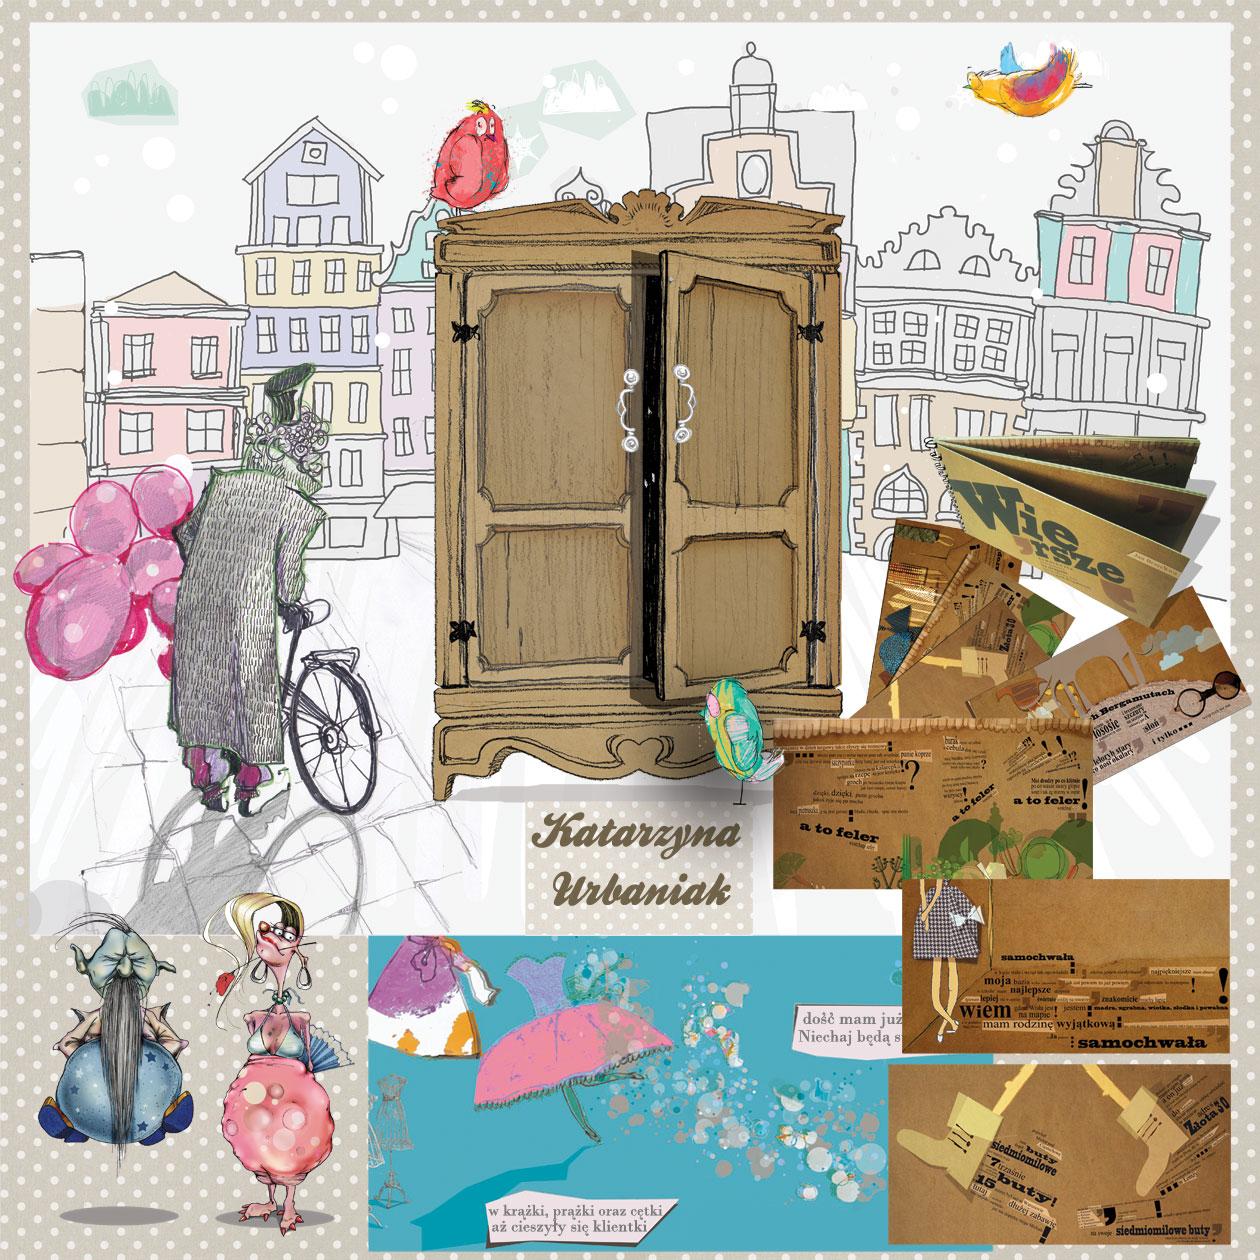 ilustracja dla dzieci Urbaniak ściana ilustratorów warszawa